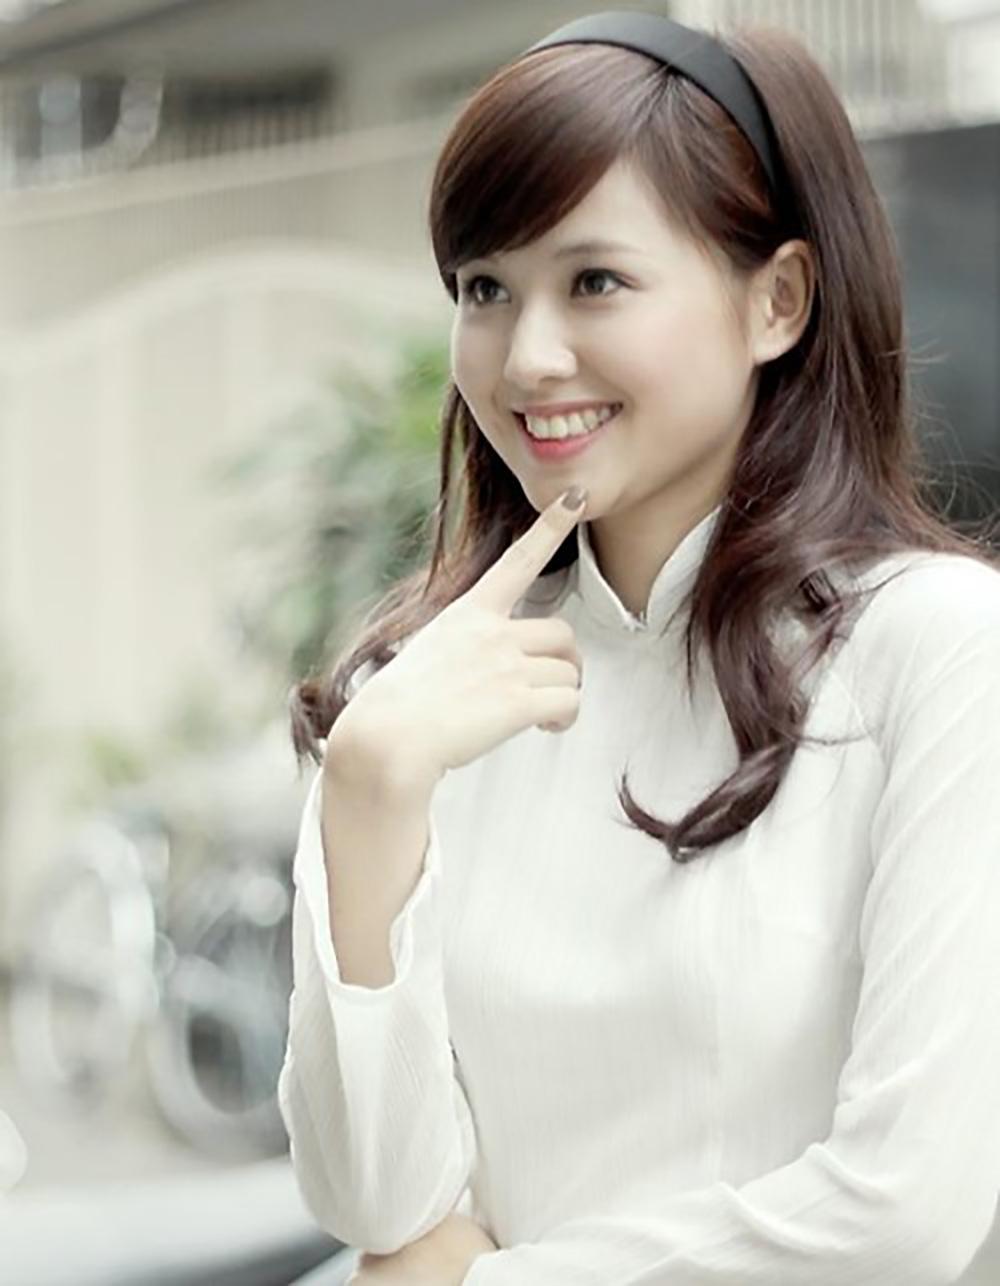 """nhung hot girl viet doi dau """"mot buoc len tien"""" nho lay chong dai gia - 10"""